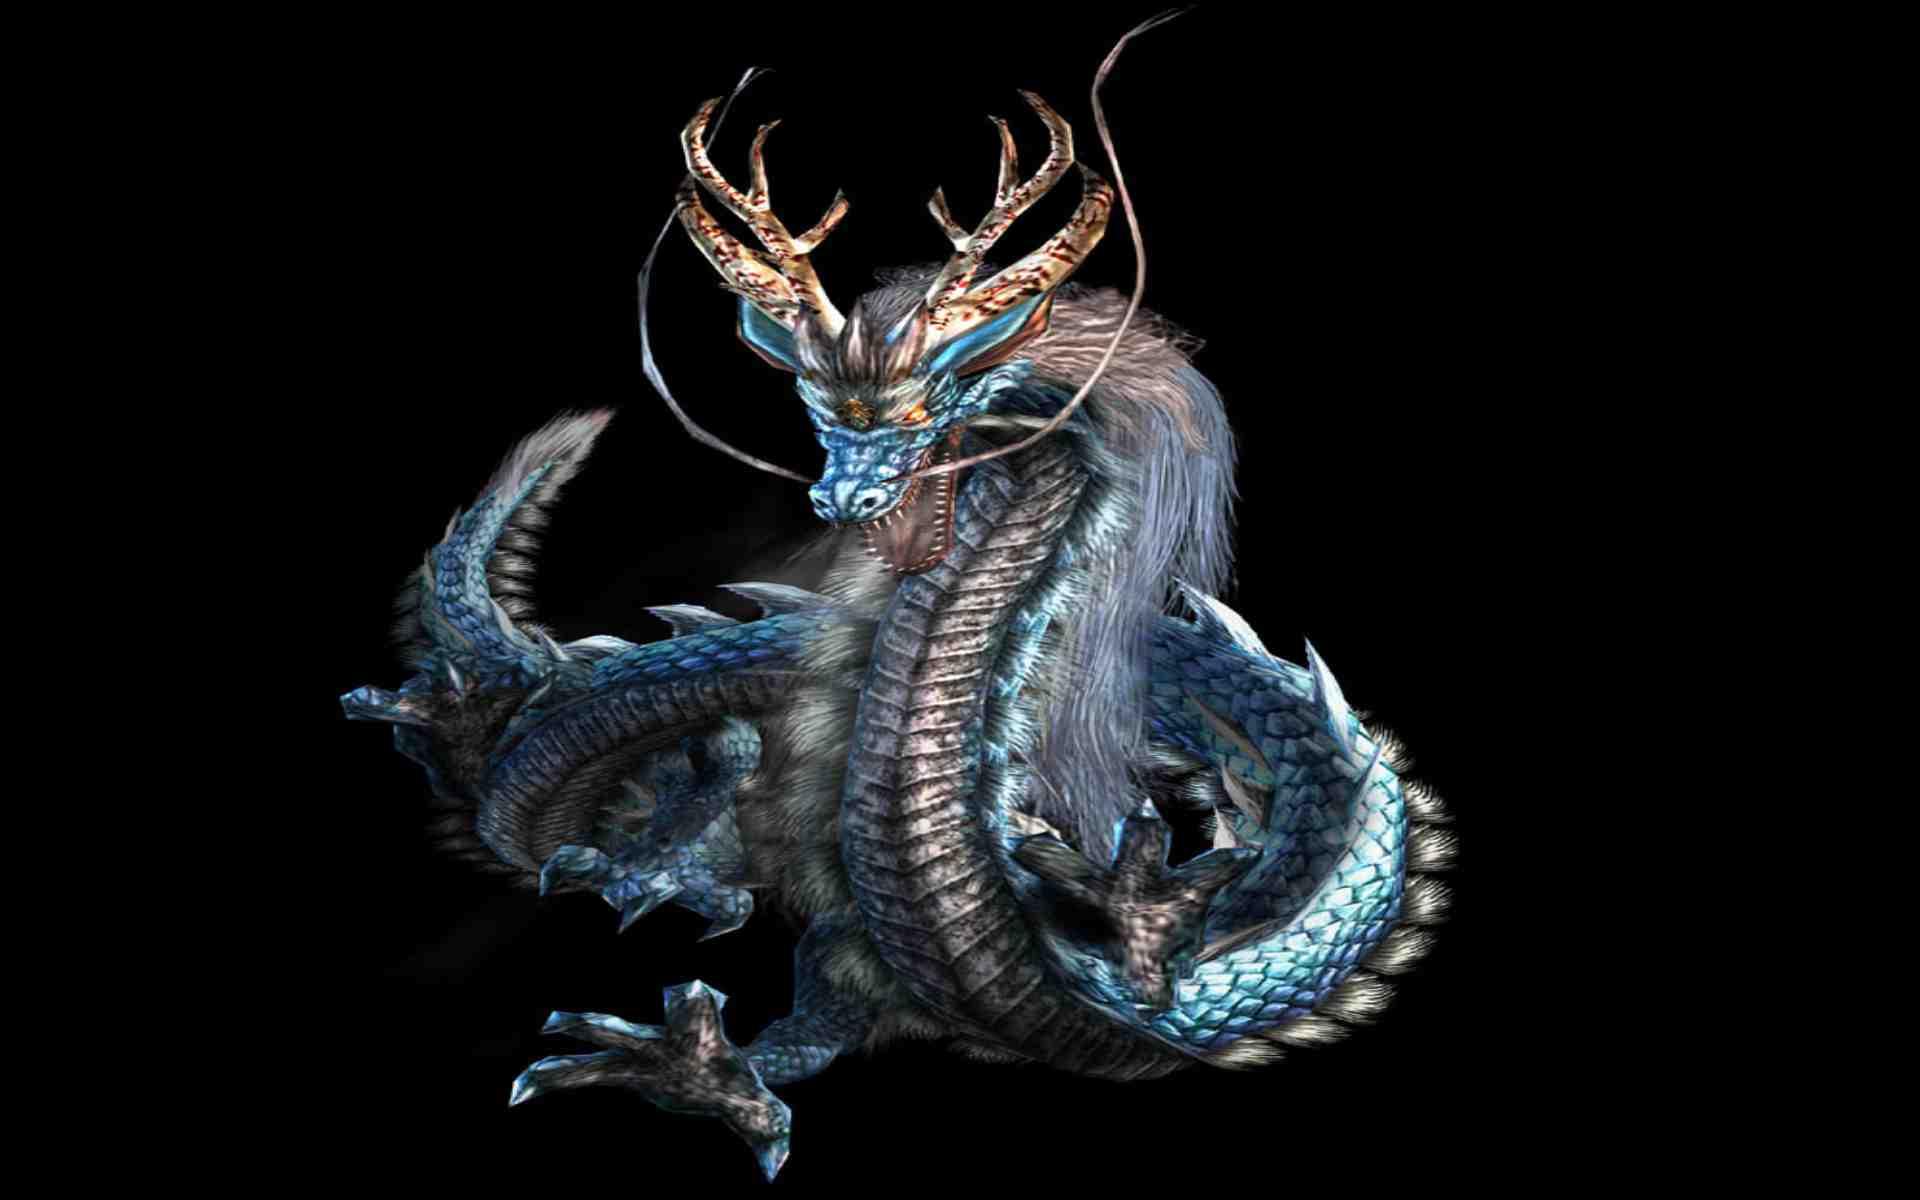 ảnh Nền đen Hình Con Rồng đẹp